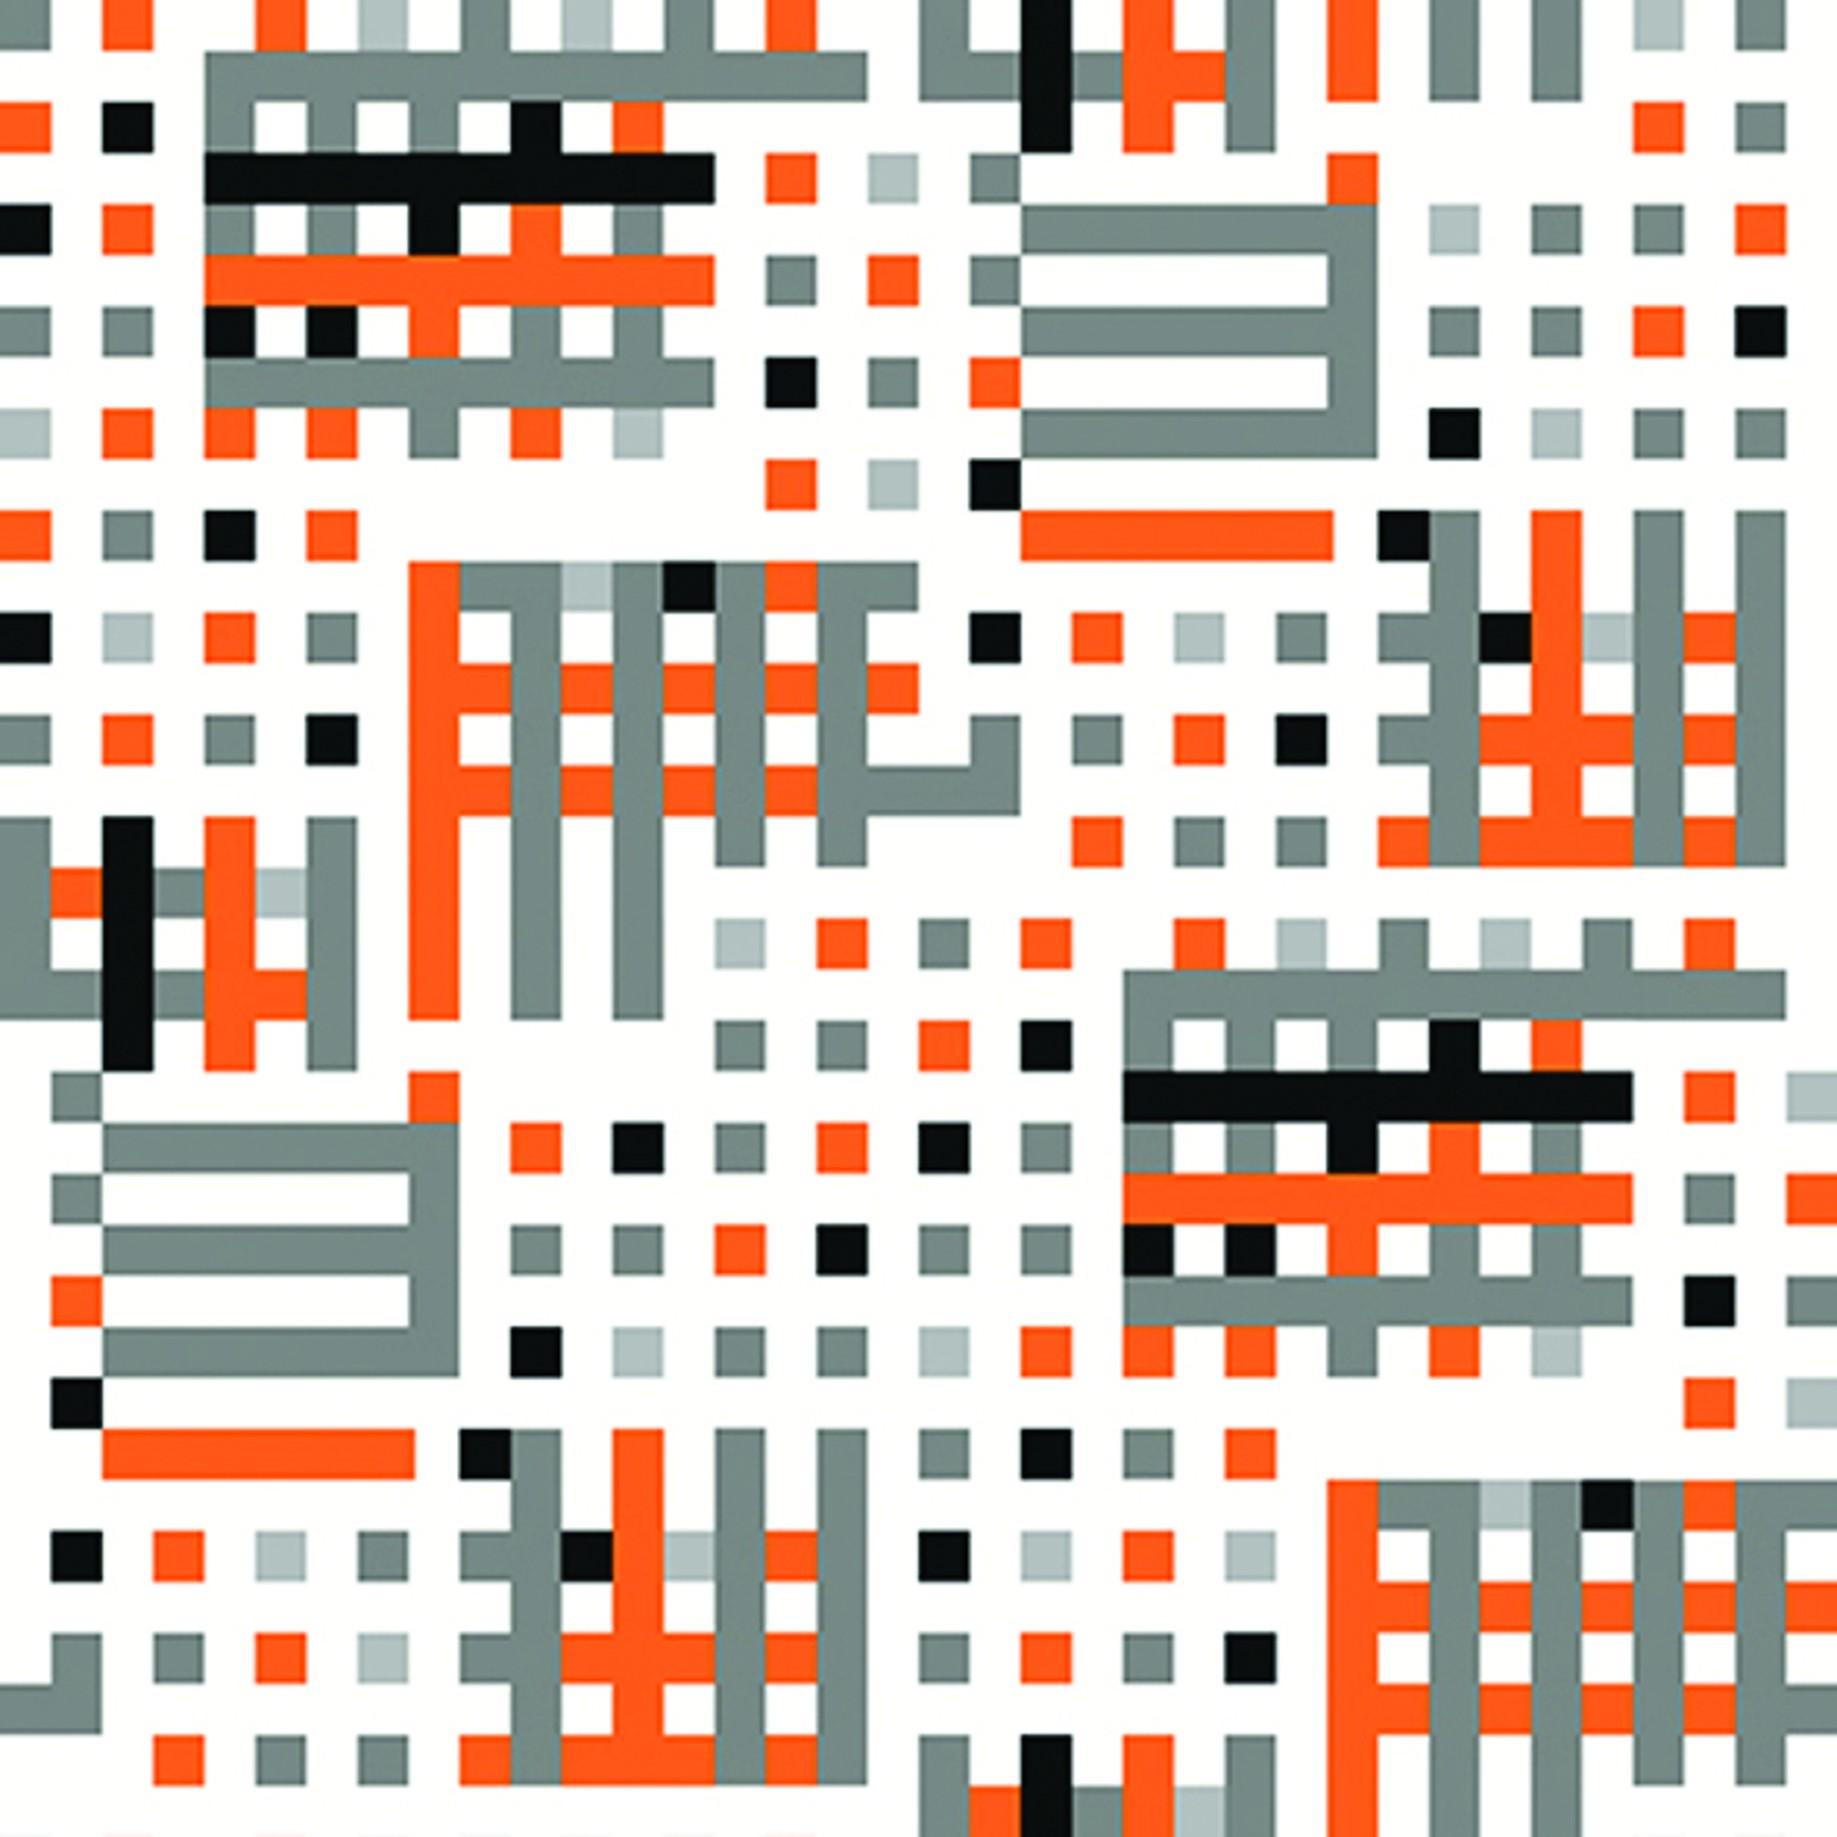 Tapeta na stěnu Vavex J134-05 | 0,53 x 10,05 m (Vinylová tapeta - oranžová, šedá, černá)